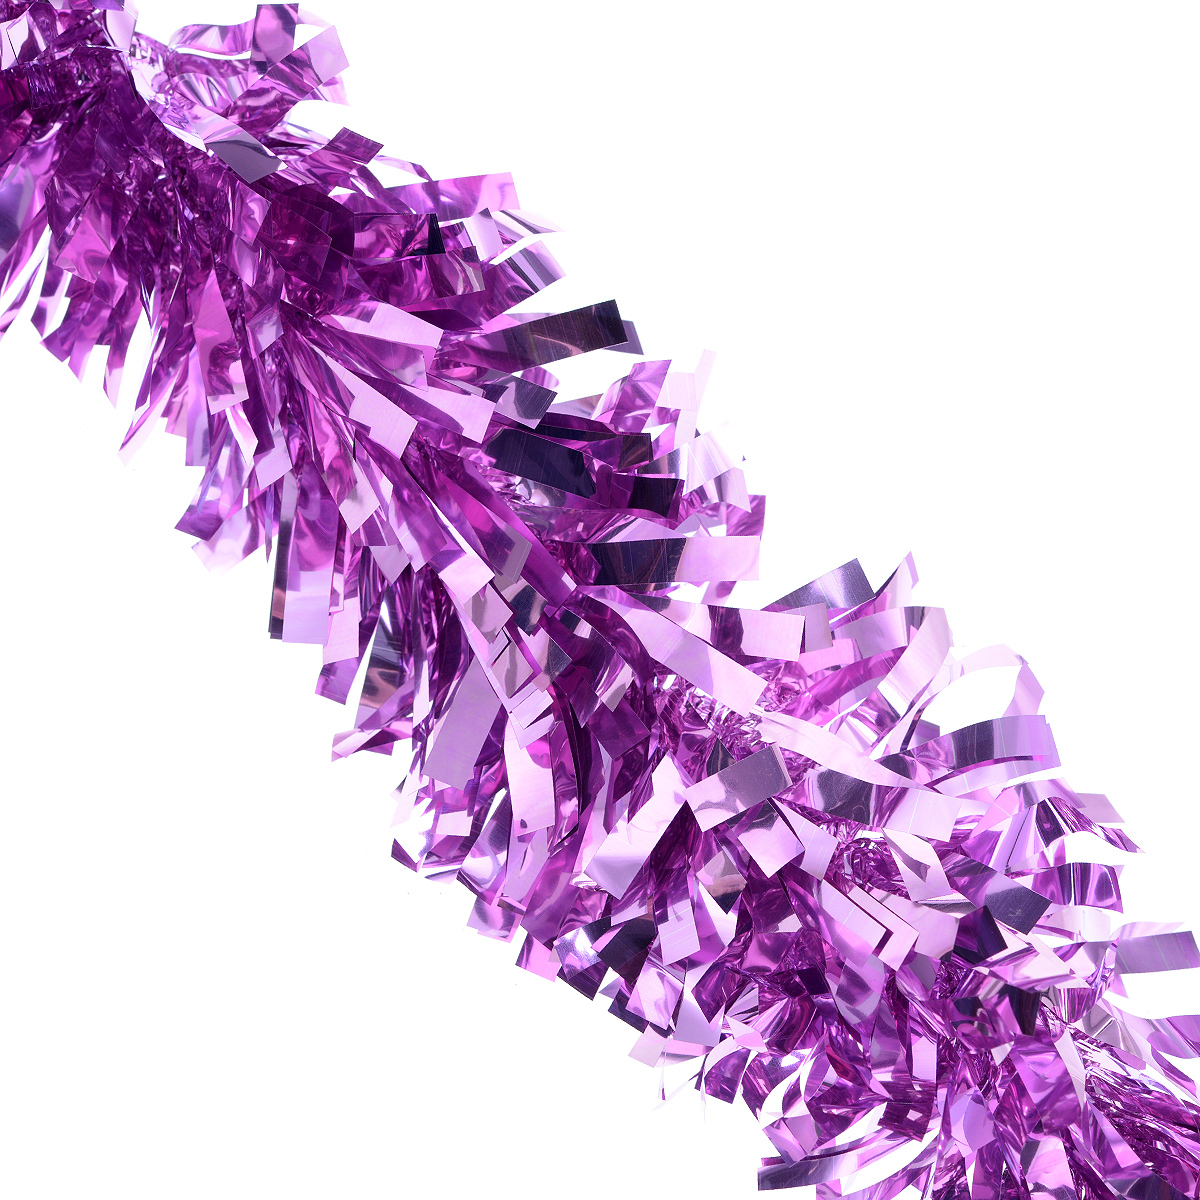 """Мишура новогодняя Феникс-презент """"Magic Time"""", цвет: сиренево-розовый, диаметр 9 см, длина 200 см. 38188"""